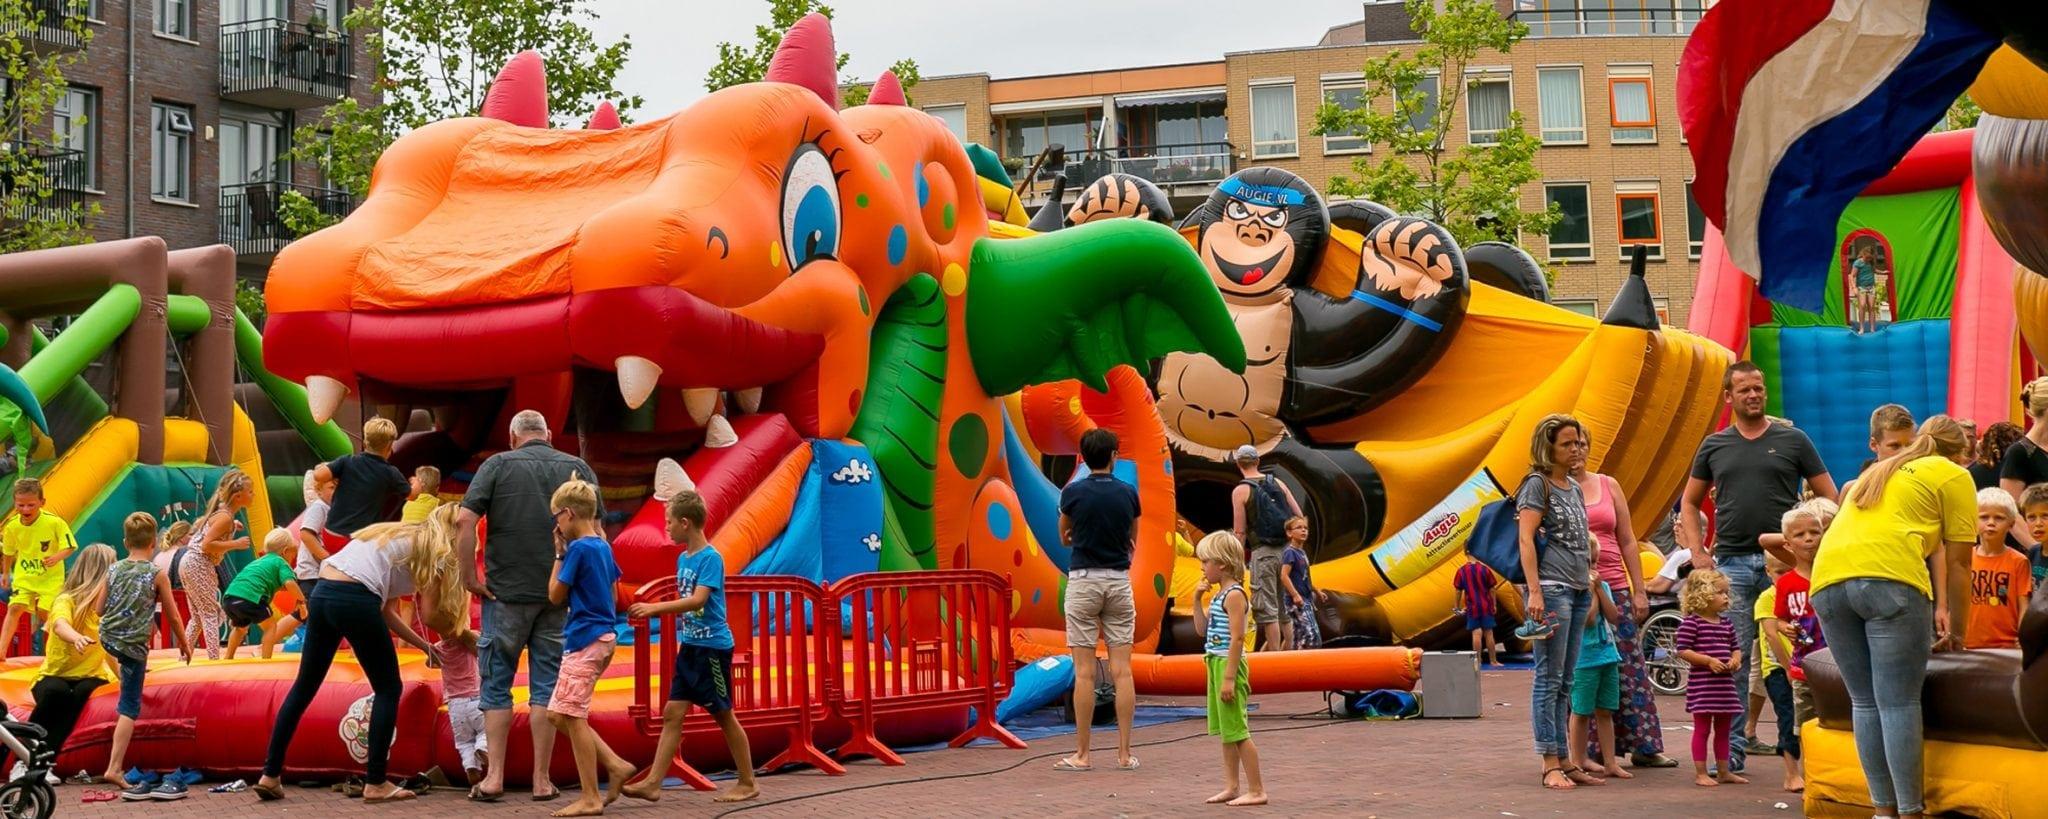 springkussenfestival Hardenberg